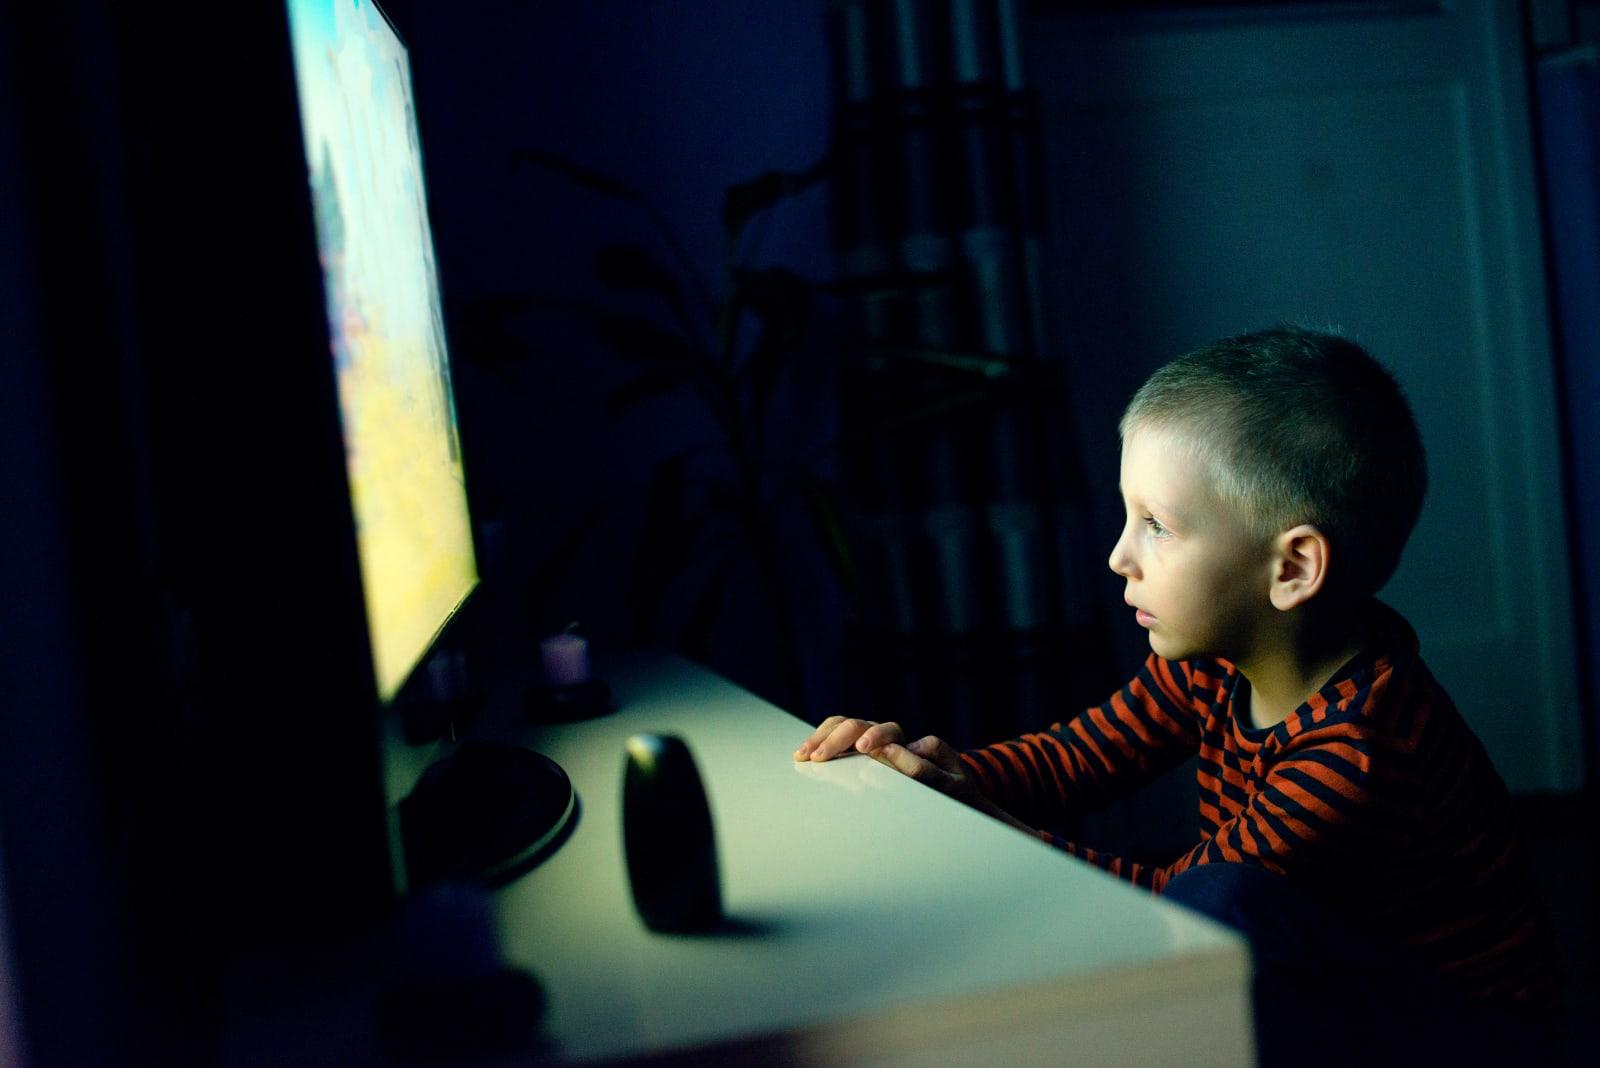 Cute boy watching cartoon